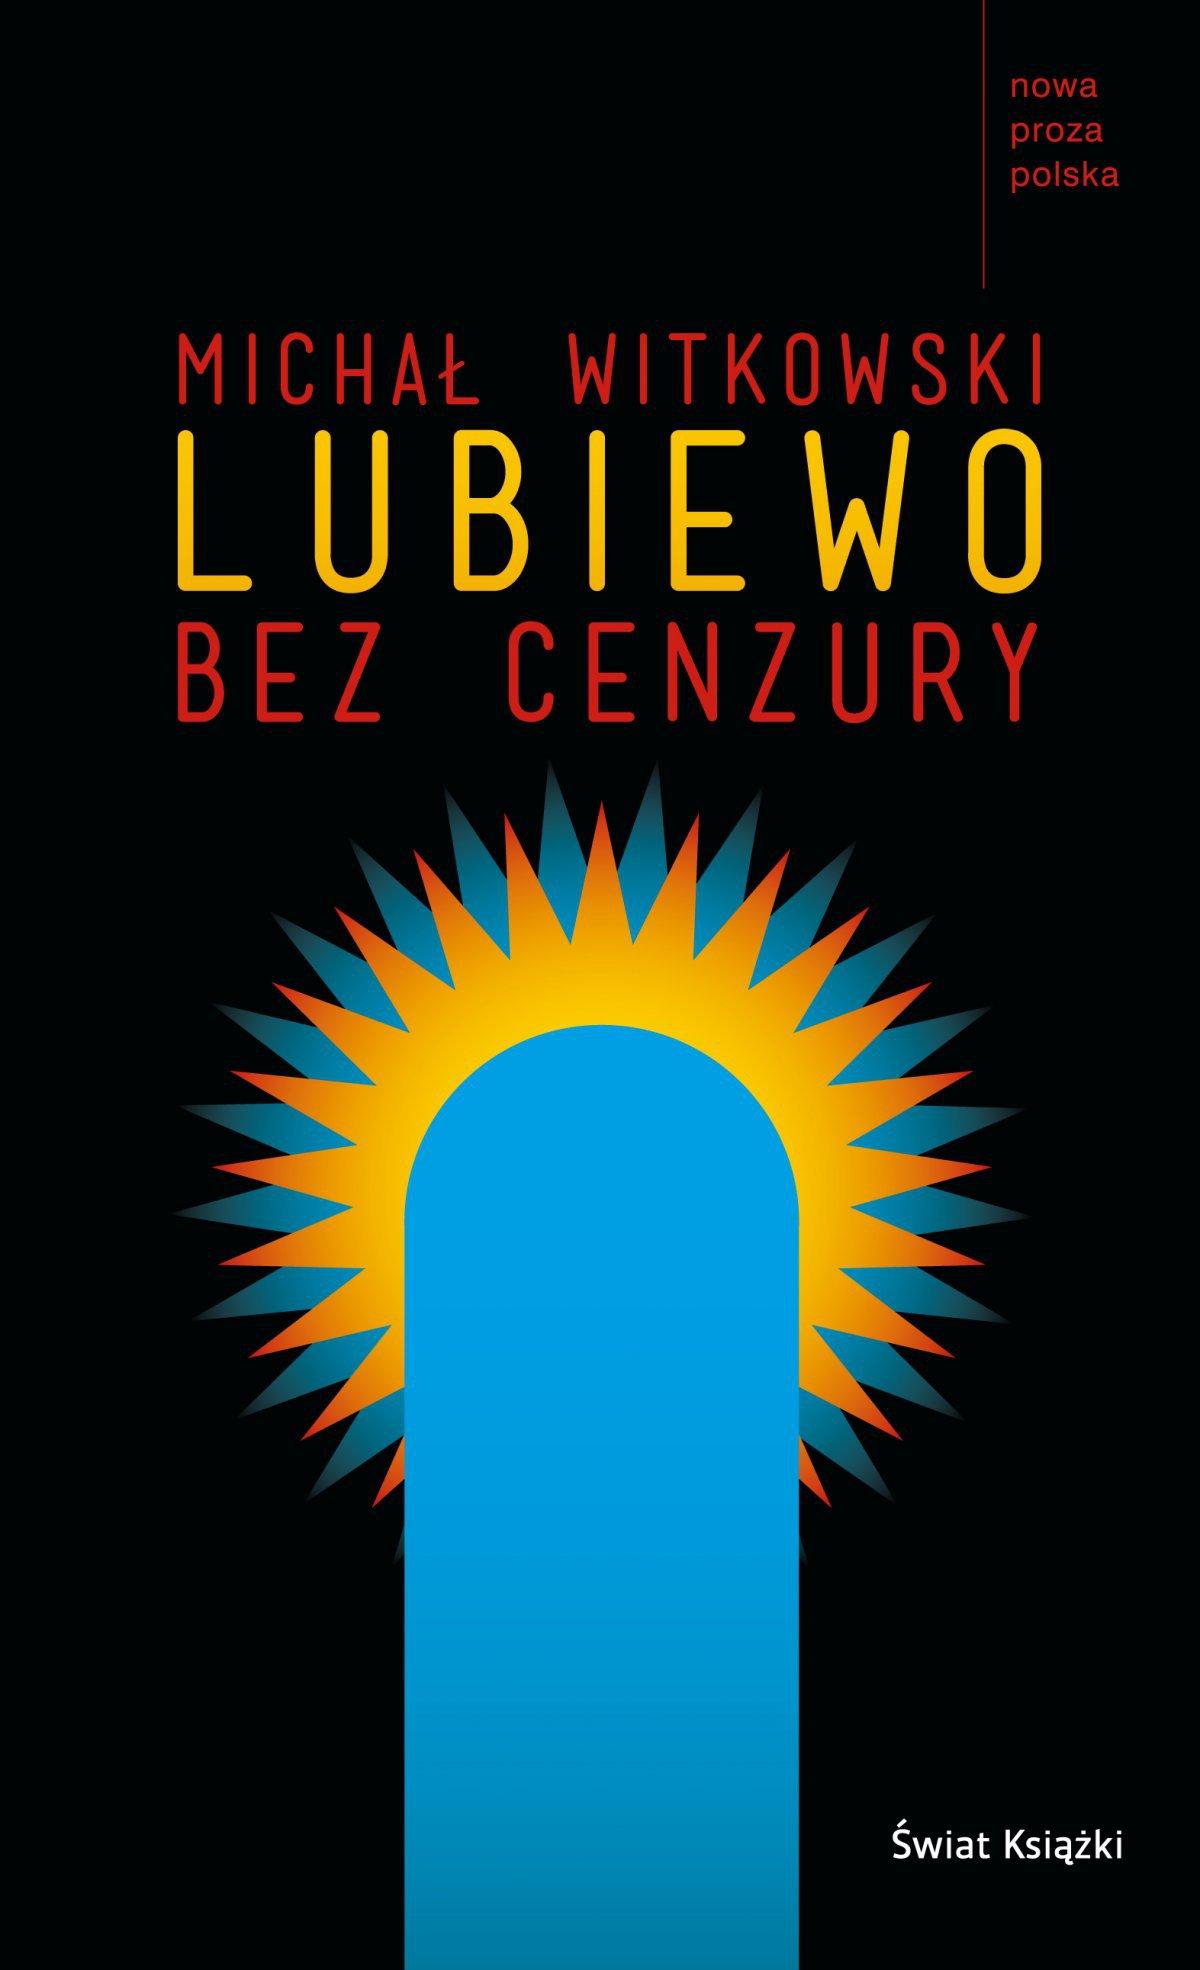 Lubiewo bez cenzury - Ebook (Książka EPUB) do pobrania w formacie EPUB